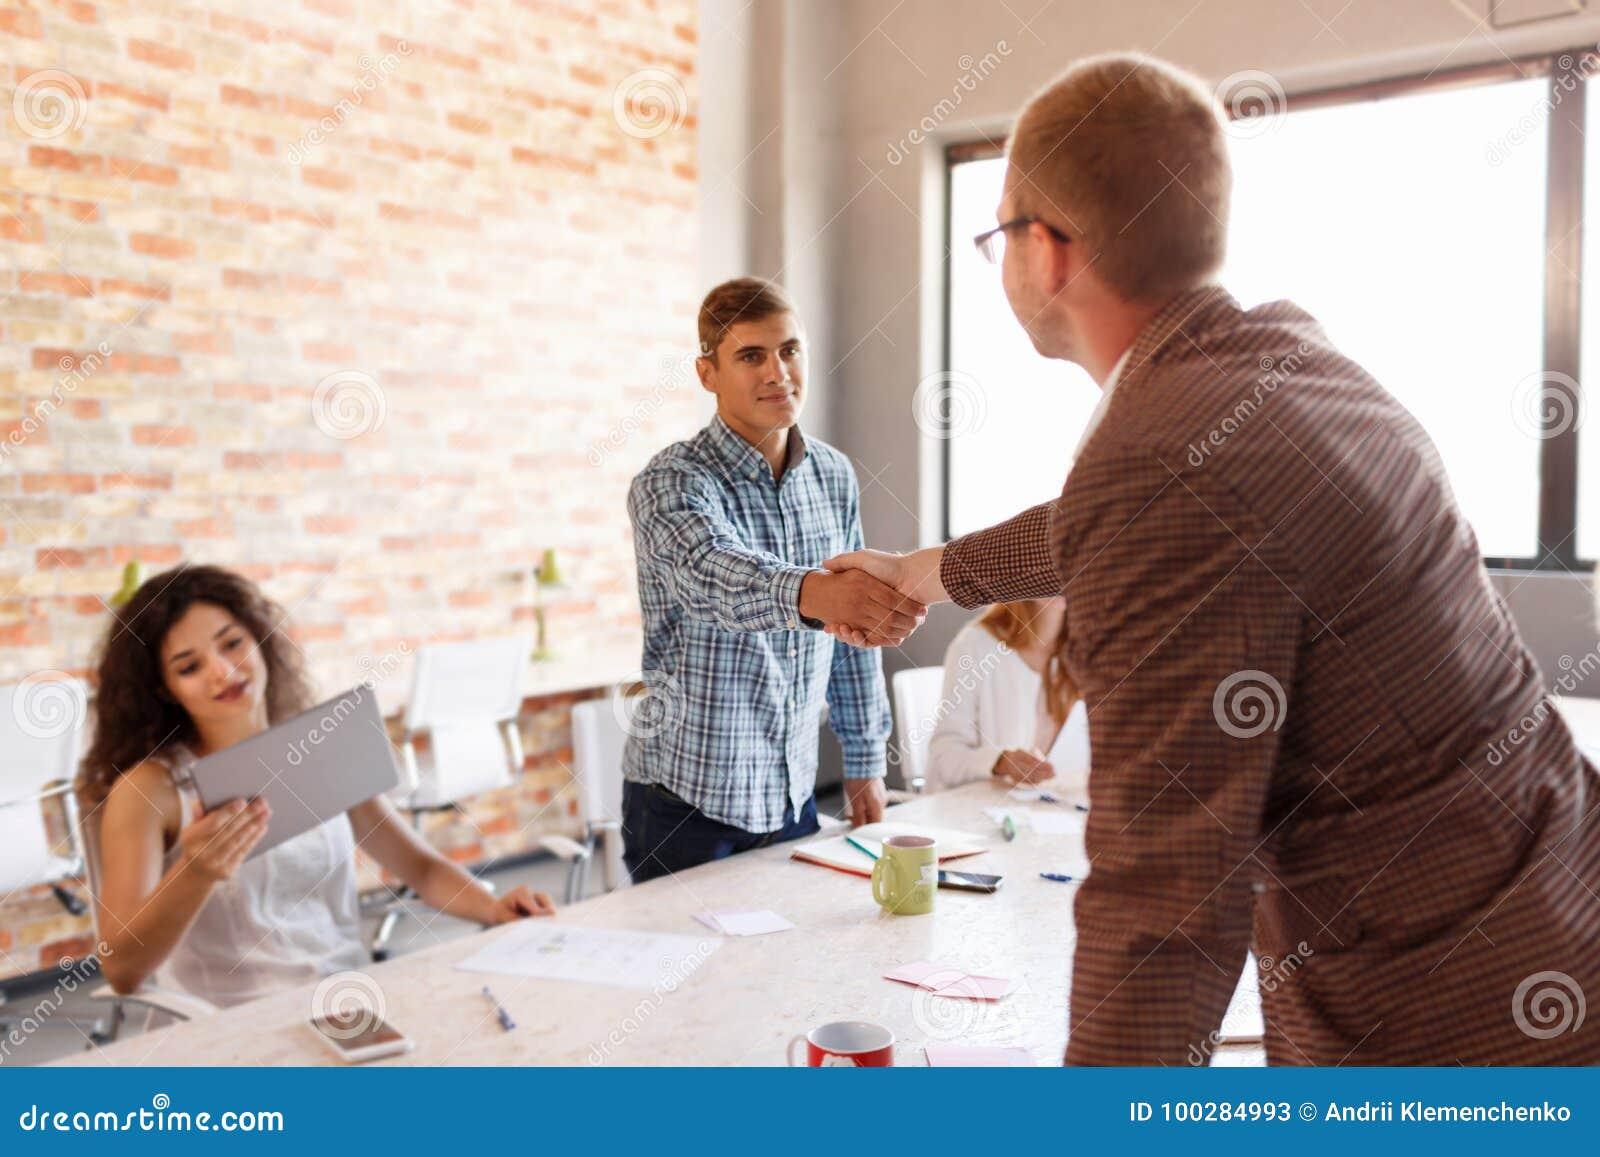 Business etiquette entrepreneurs partnership making successful download business etiquette entrepreneurs partnership making successful deal stock image image of m4hsunfo